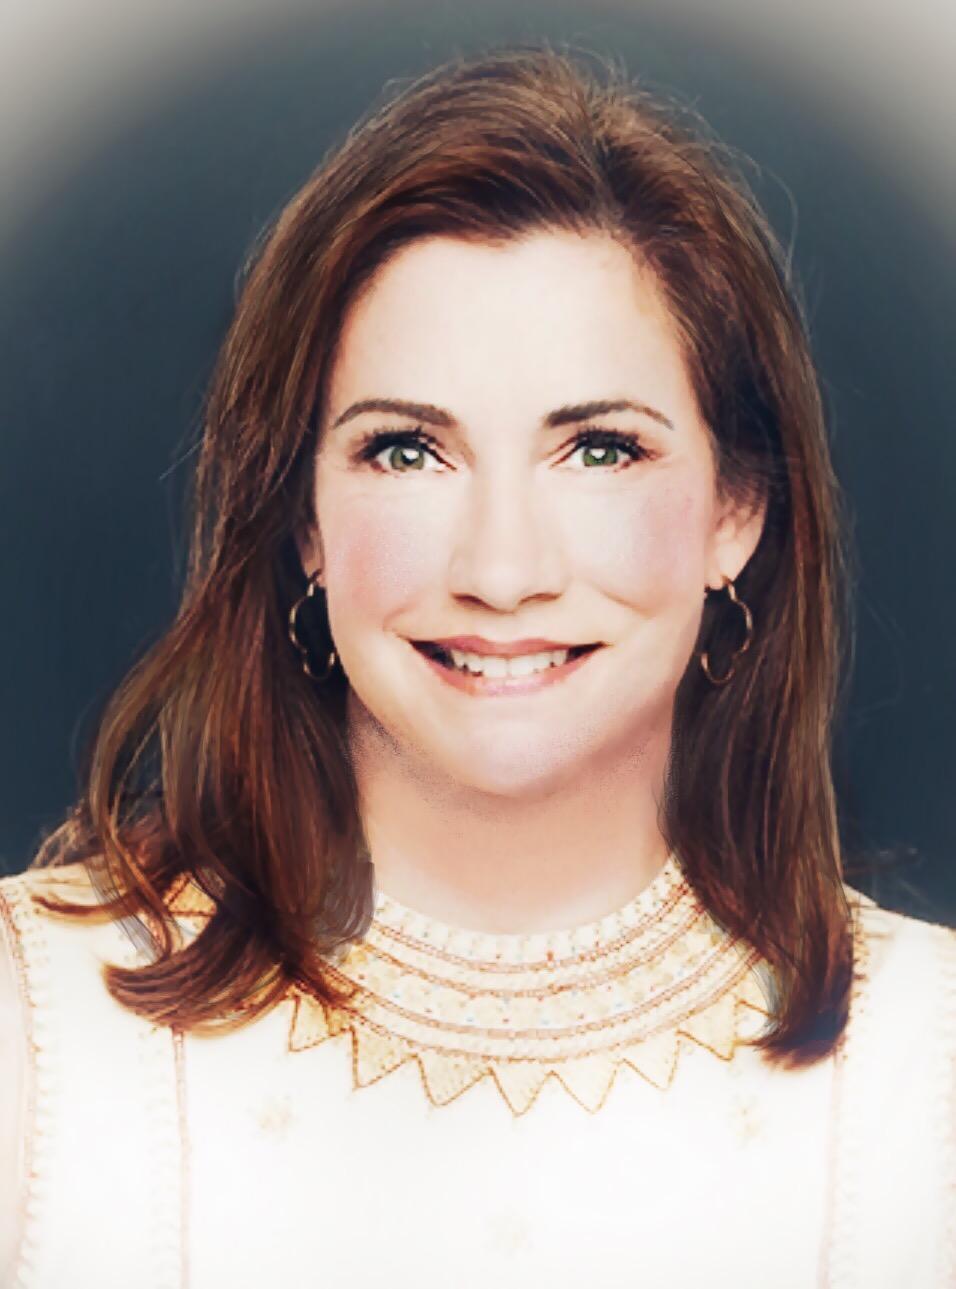 Susanna Maggard